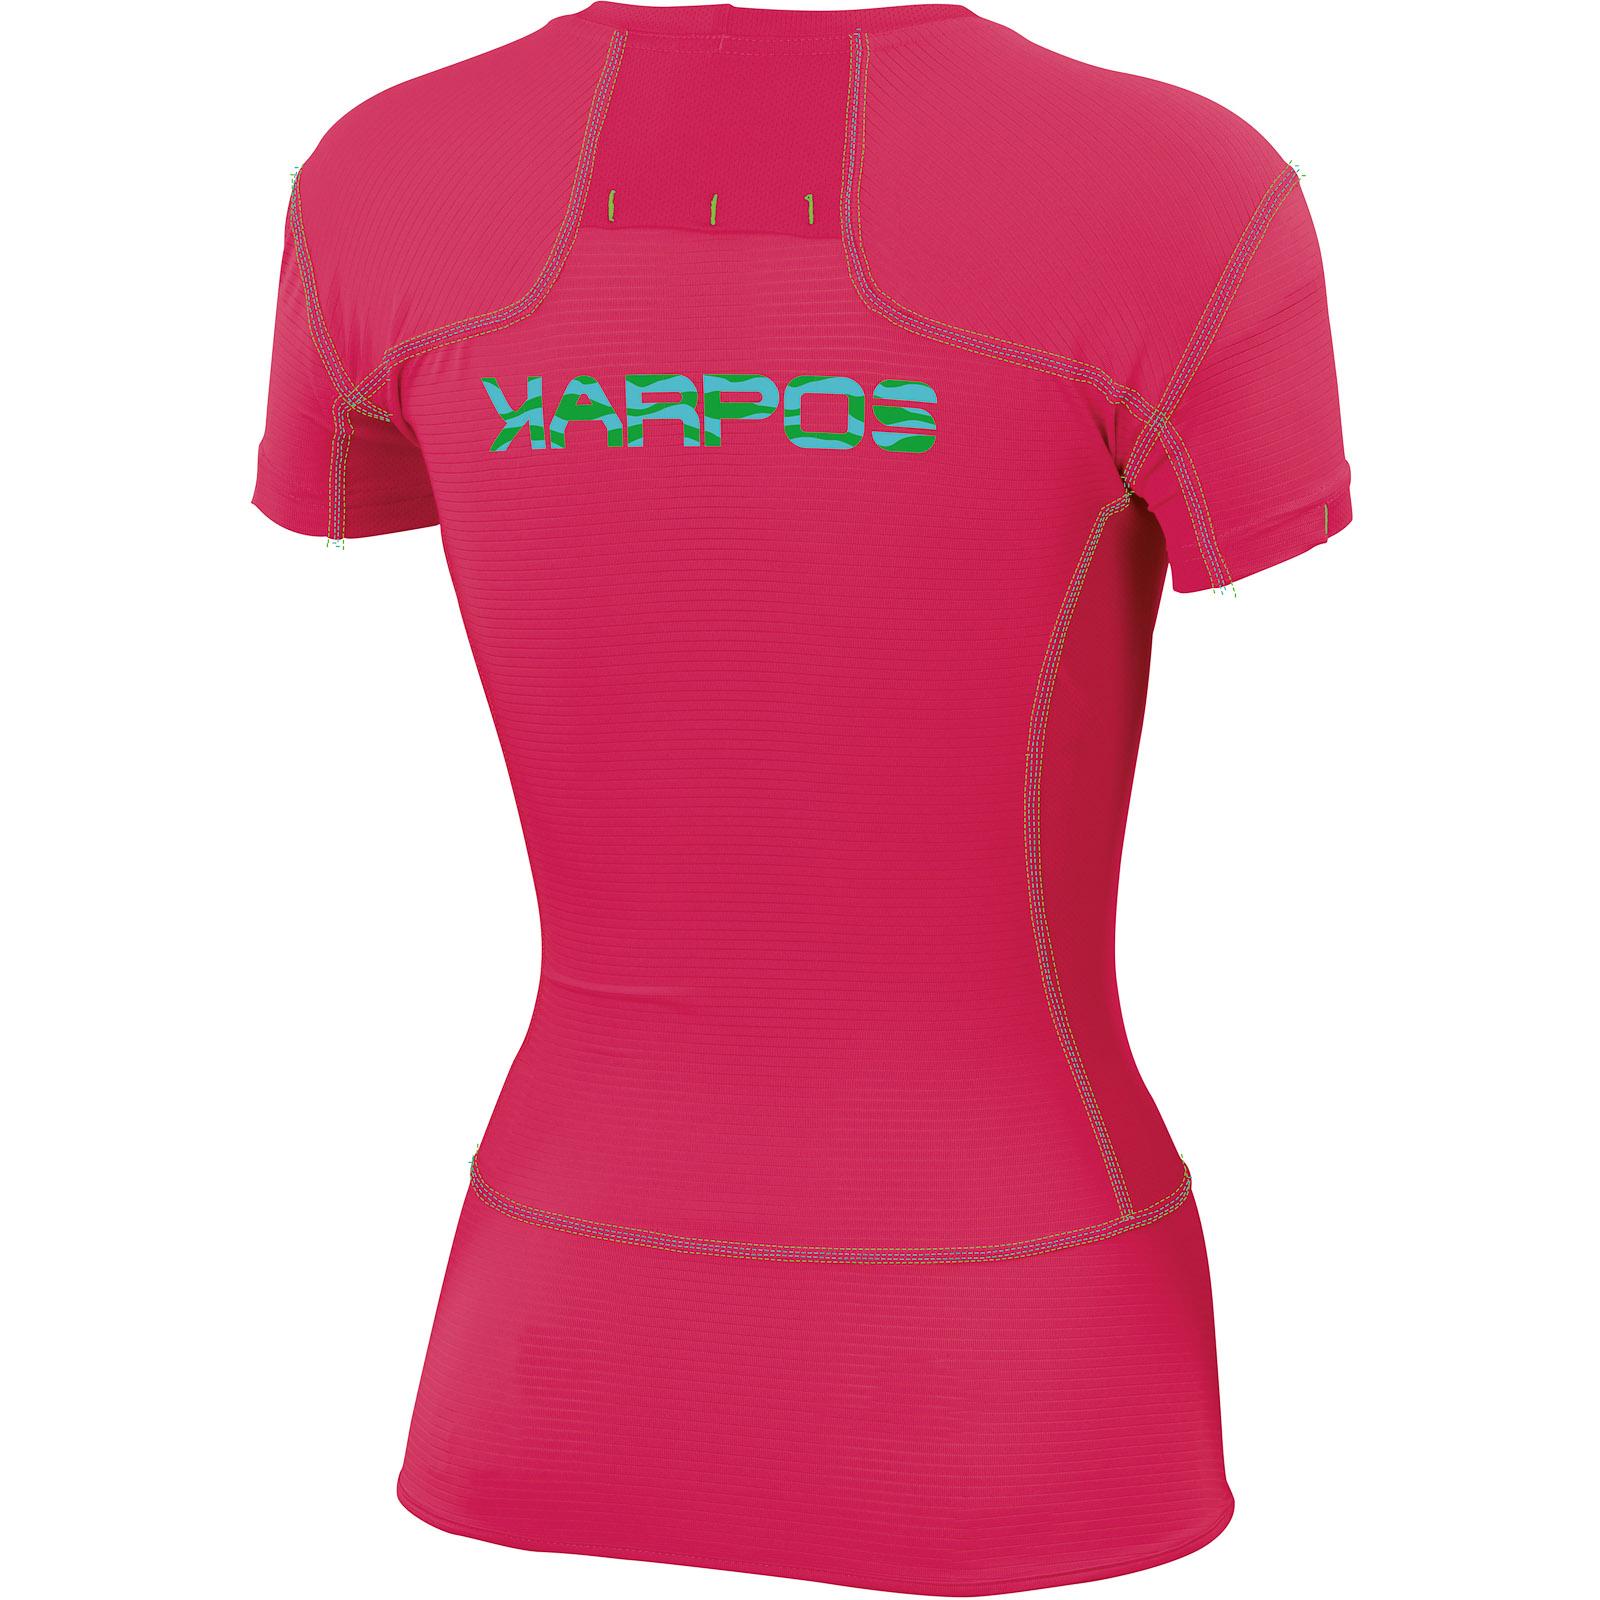 9c9412f36210 Karpos BULL Dámske tričko ružové. Pre absolútny zážitok prosím použite  prehliadač s javascriptom